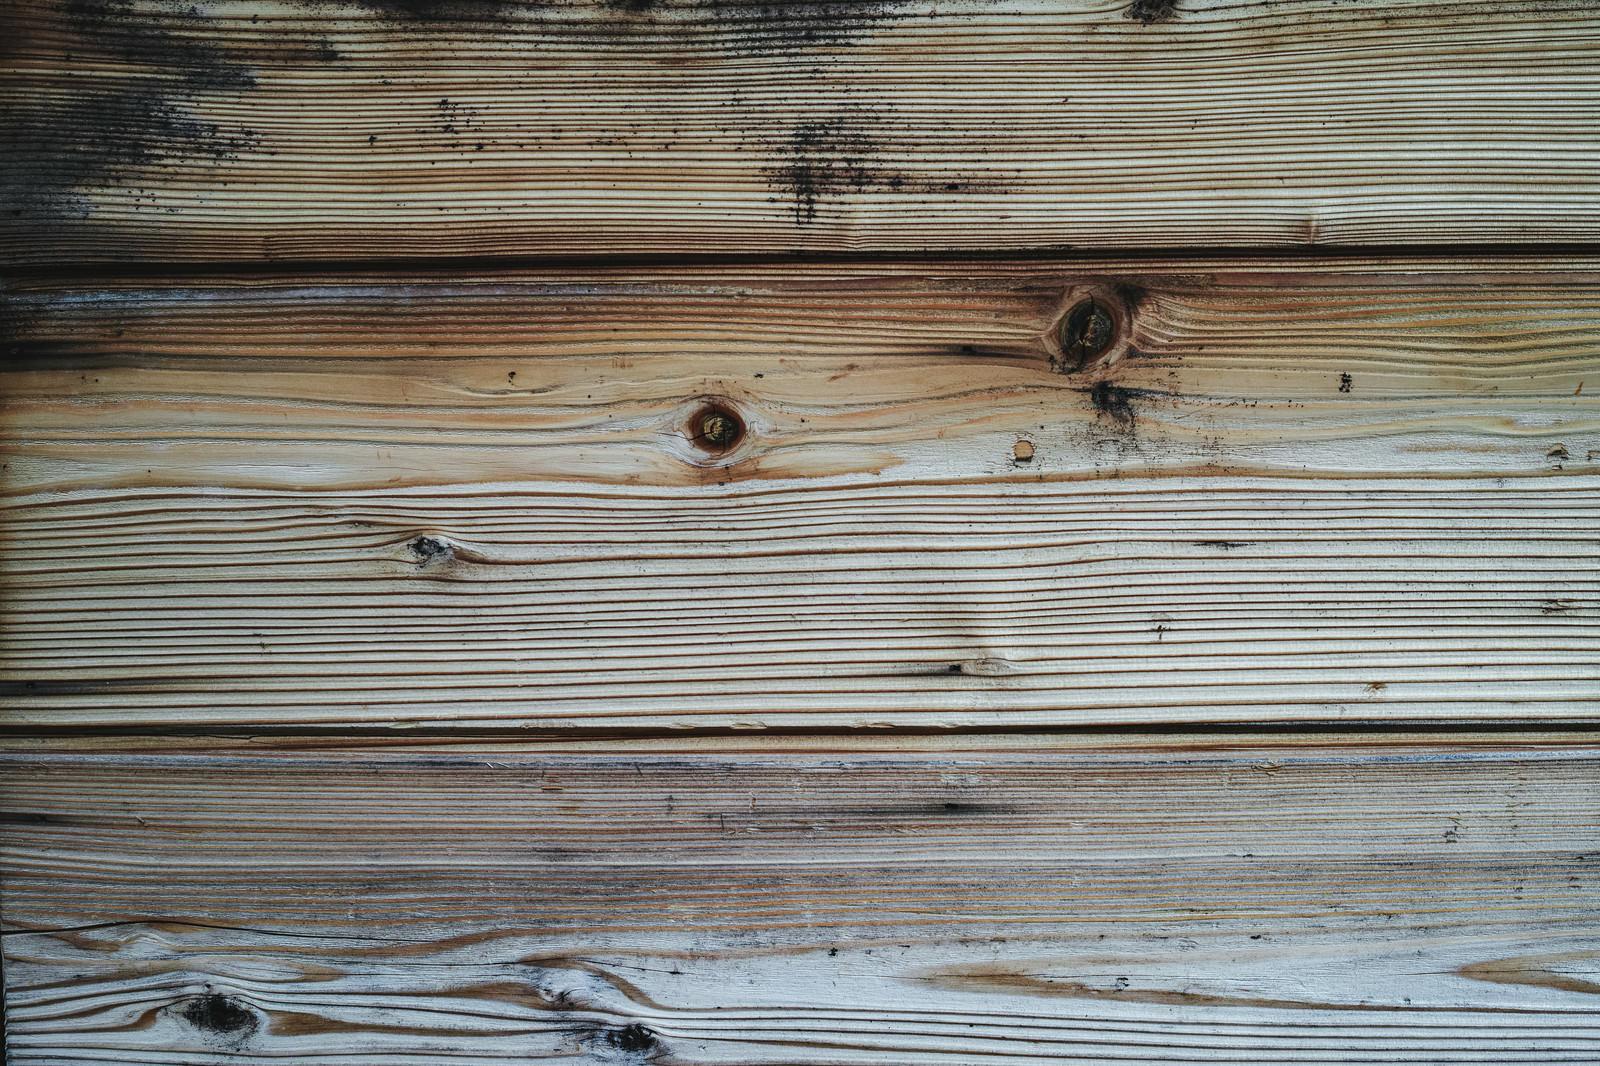 「黒いシミと木目の板(テクスチャ)」の写真